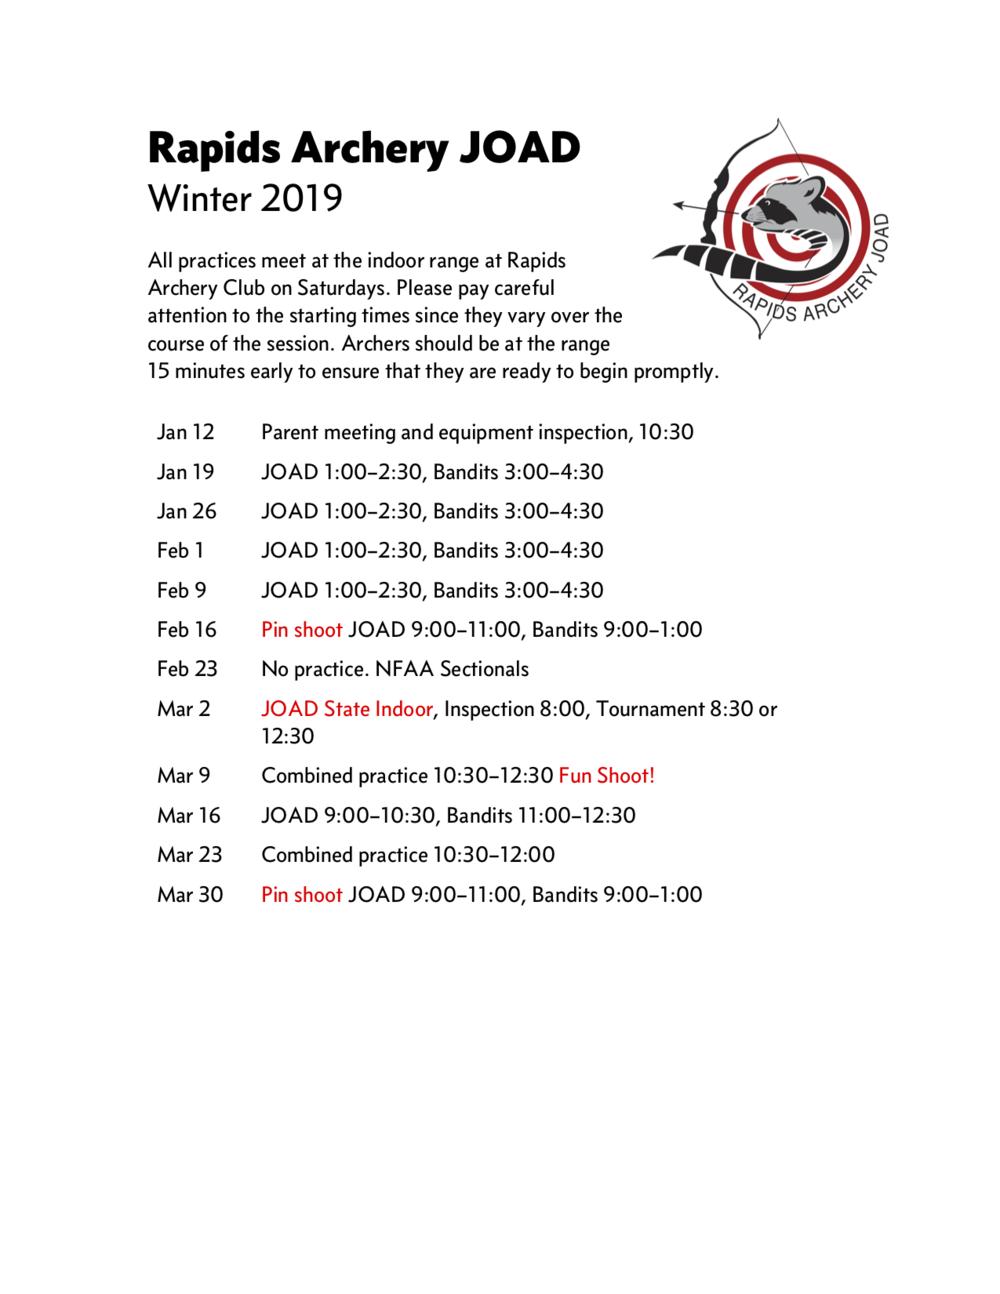 Rapids Archery JOAD winter 2019 schedule.png